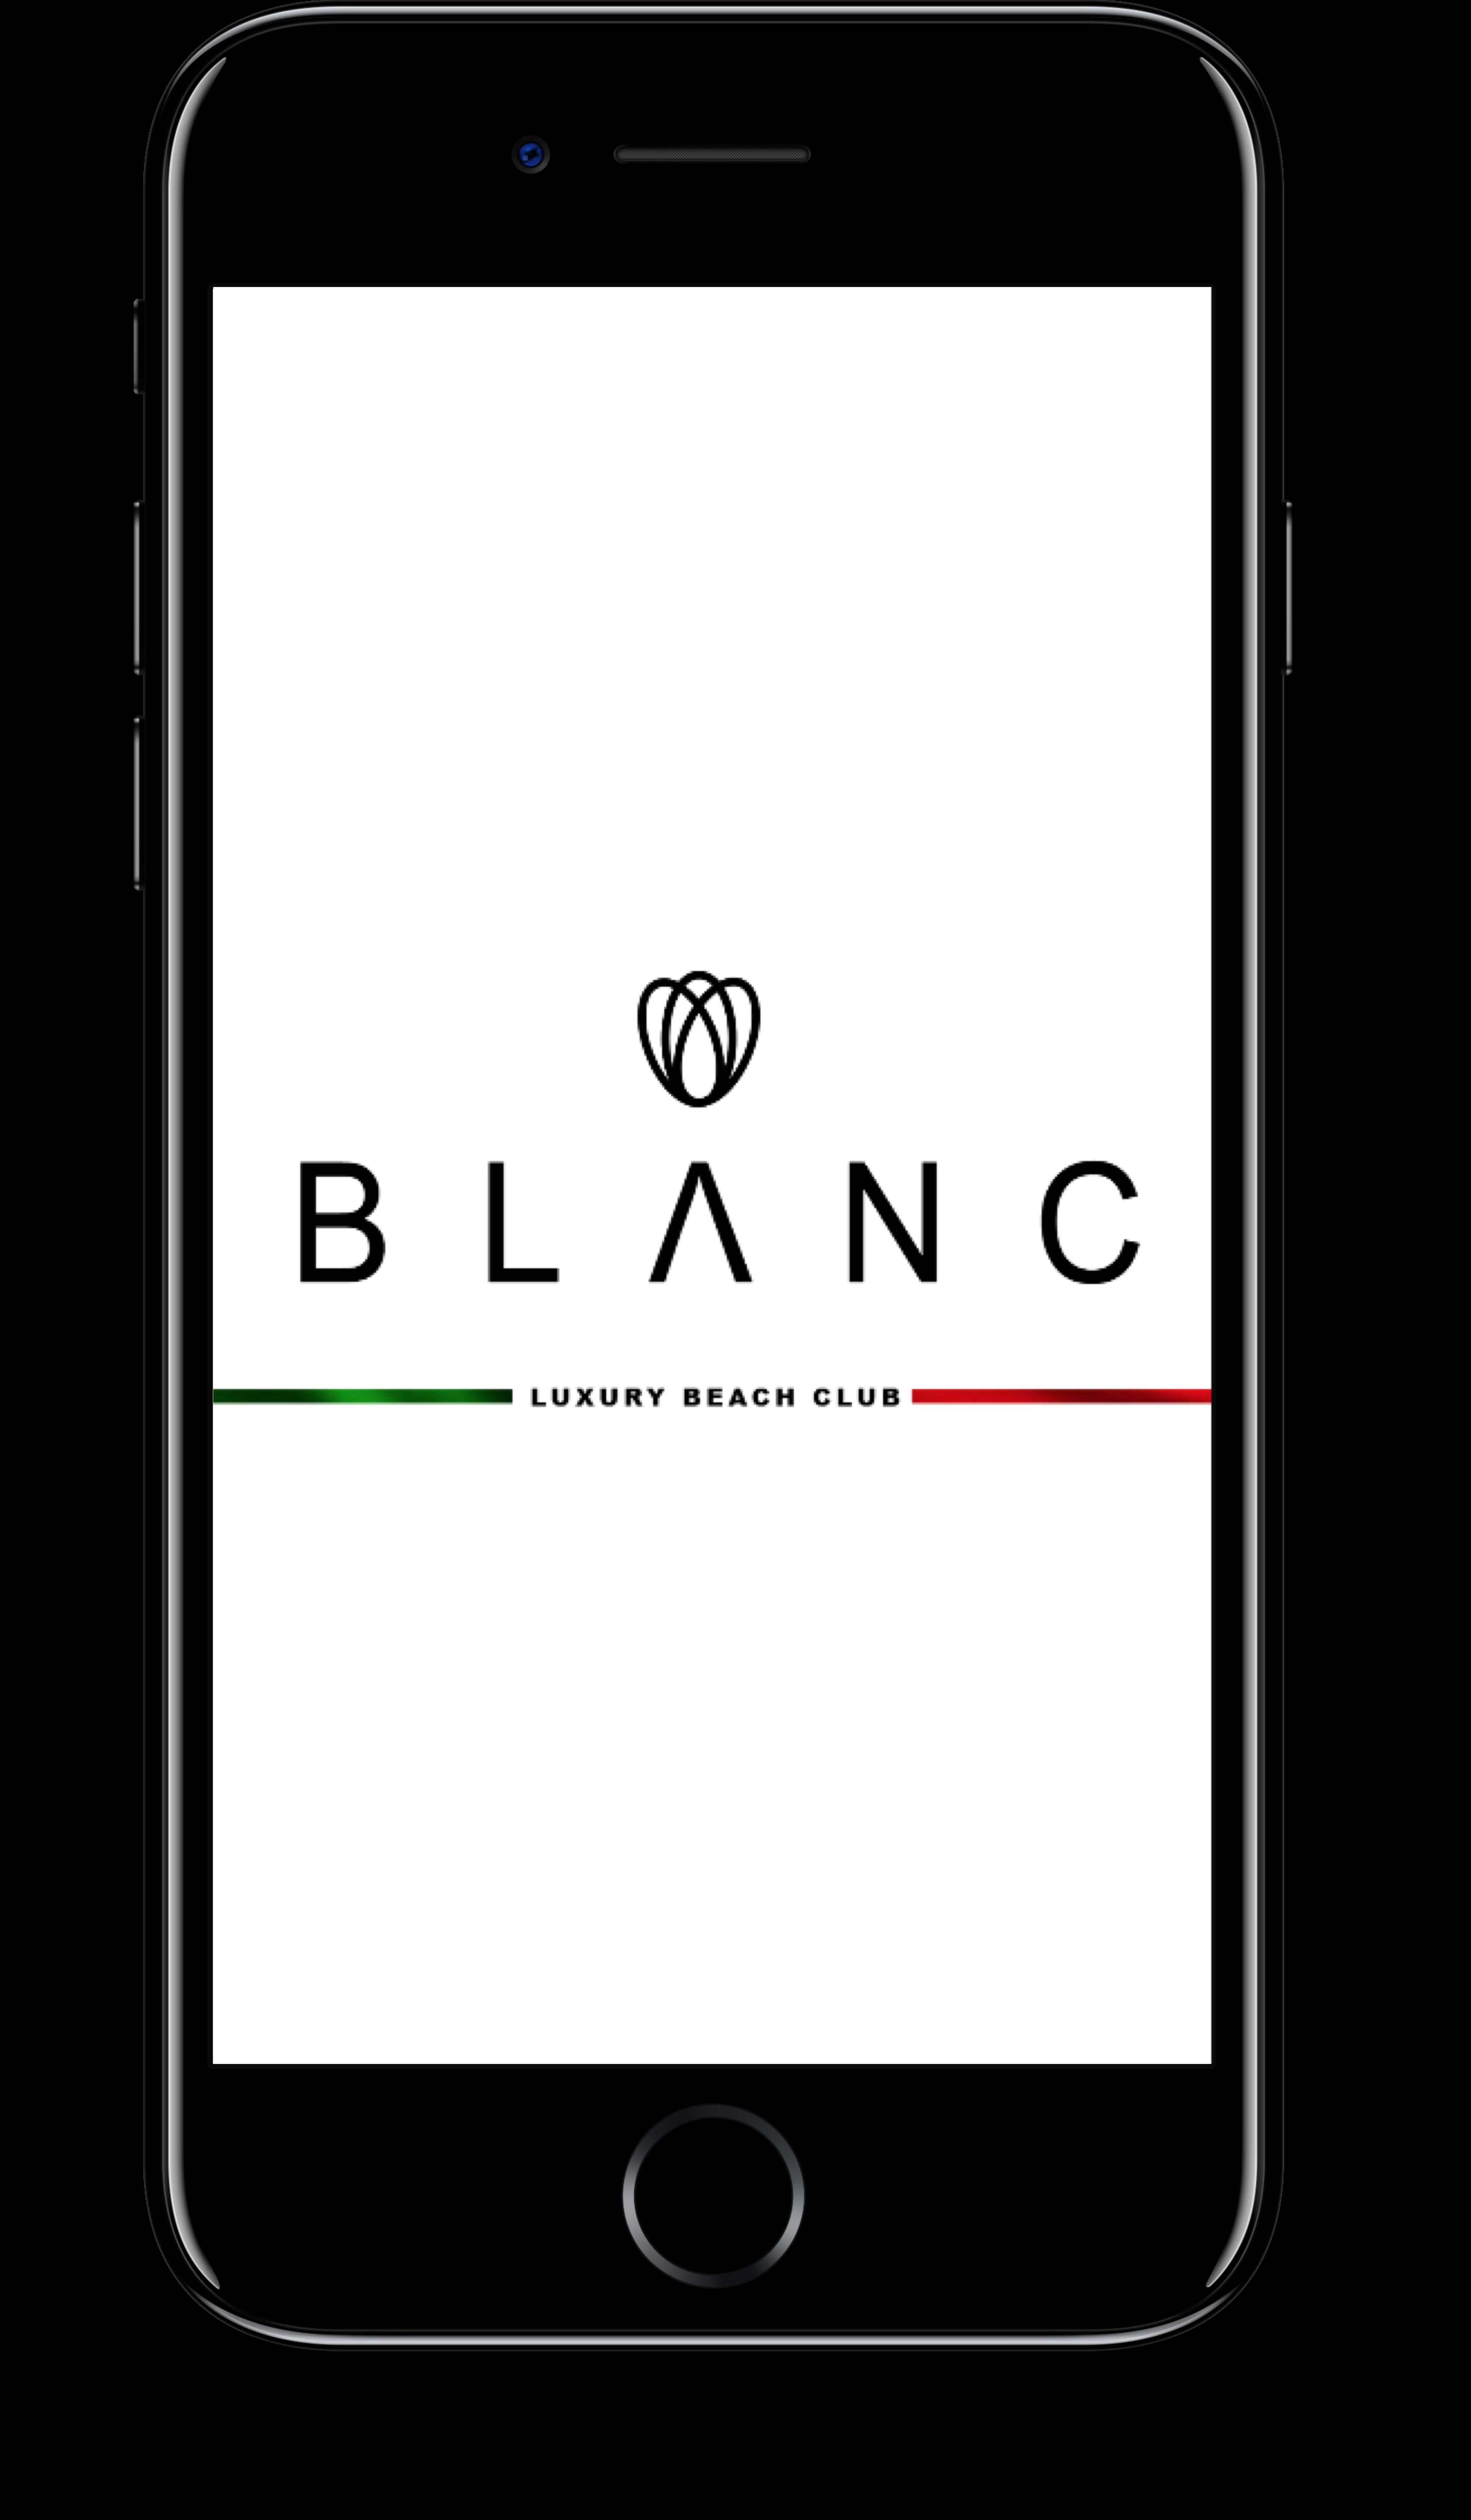 Blanc LBC